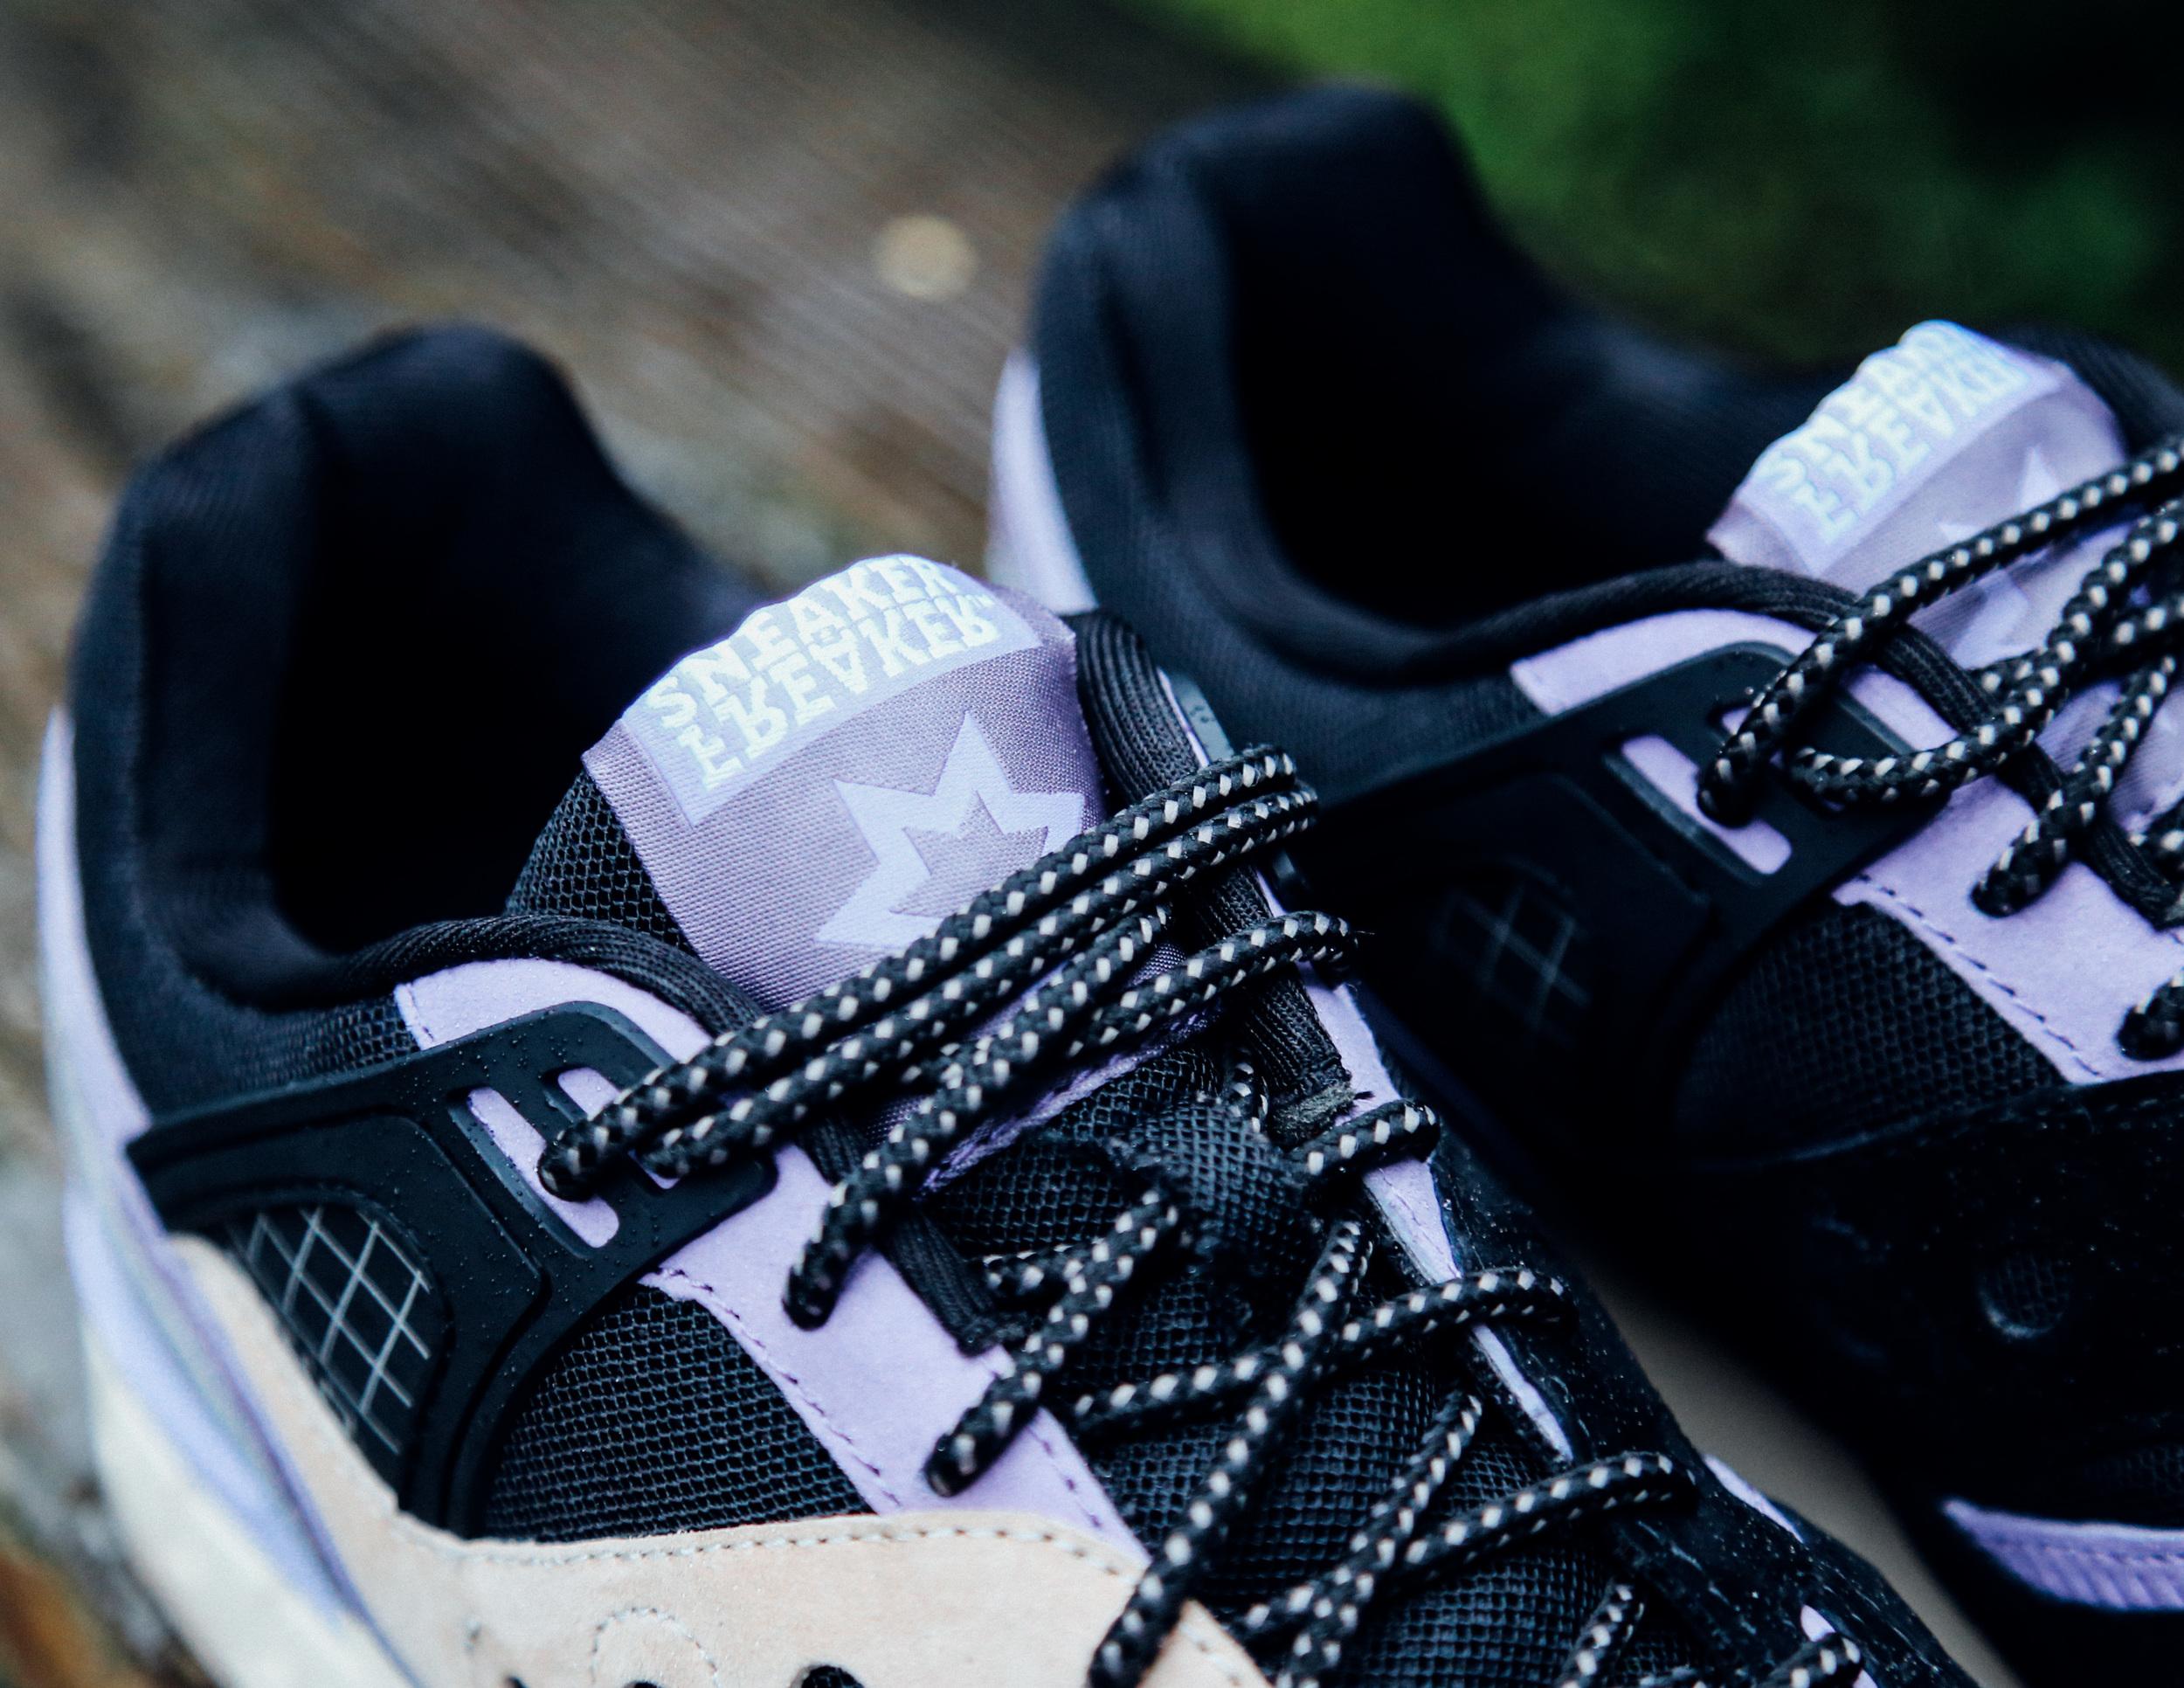 SneakerFreakerMag-Saucony-GRID-SD-KUSHWHACKER-DETAILED-LOOK_4262.jpg